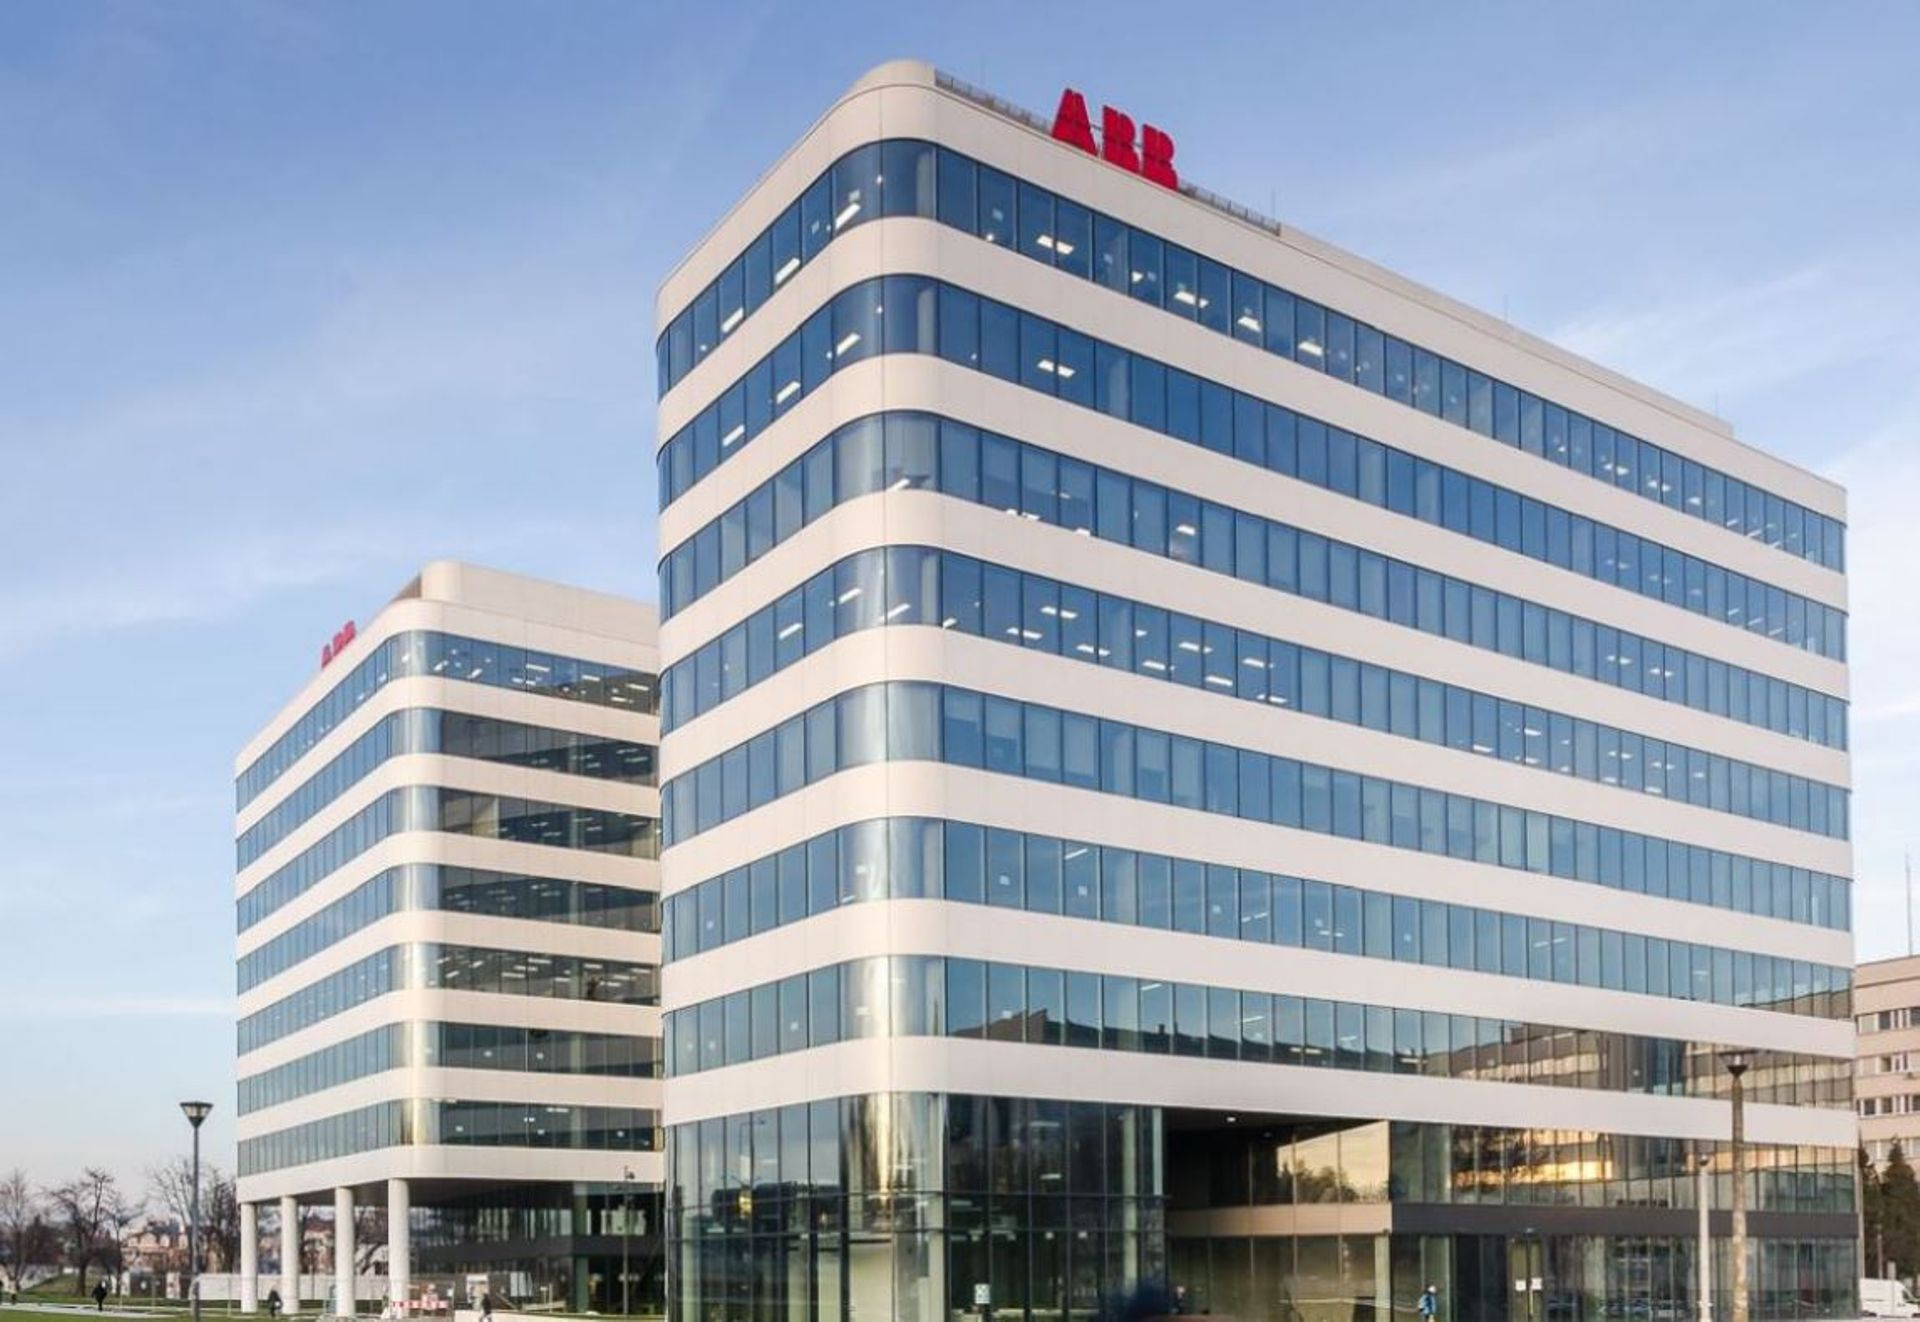 Kraków: Międzynarodowy koncern ABB i Politechnika Krakowska otwierają nowe laboratorium